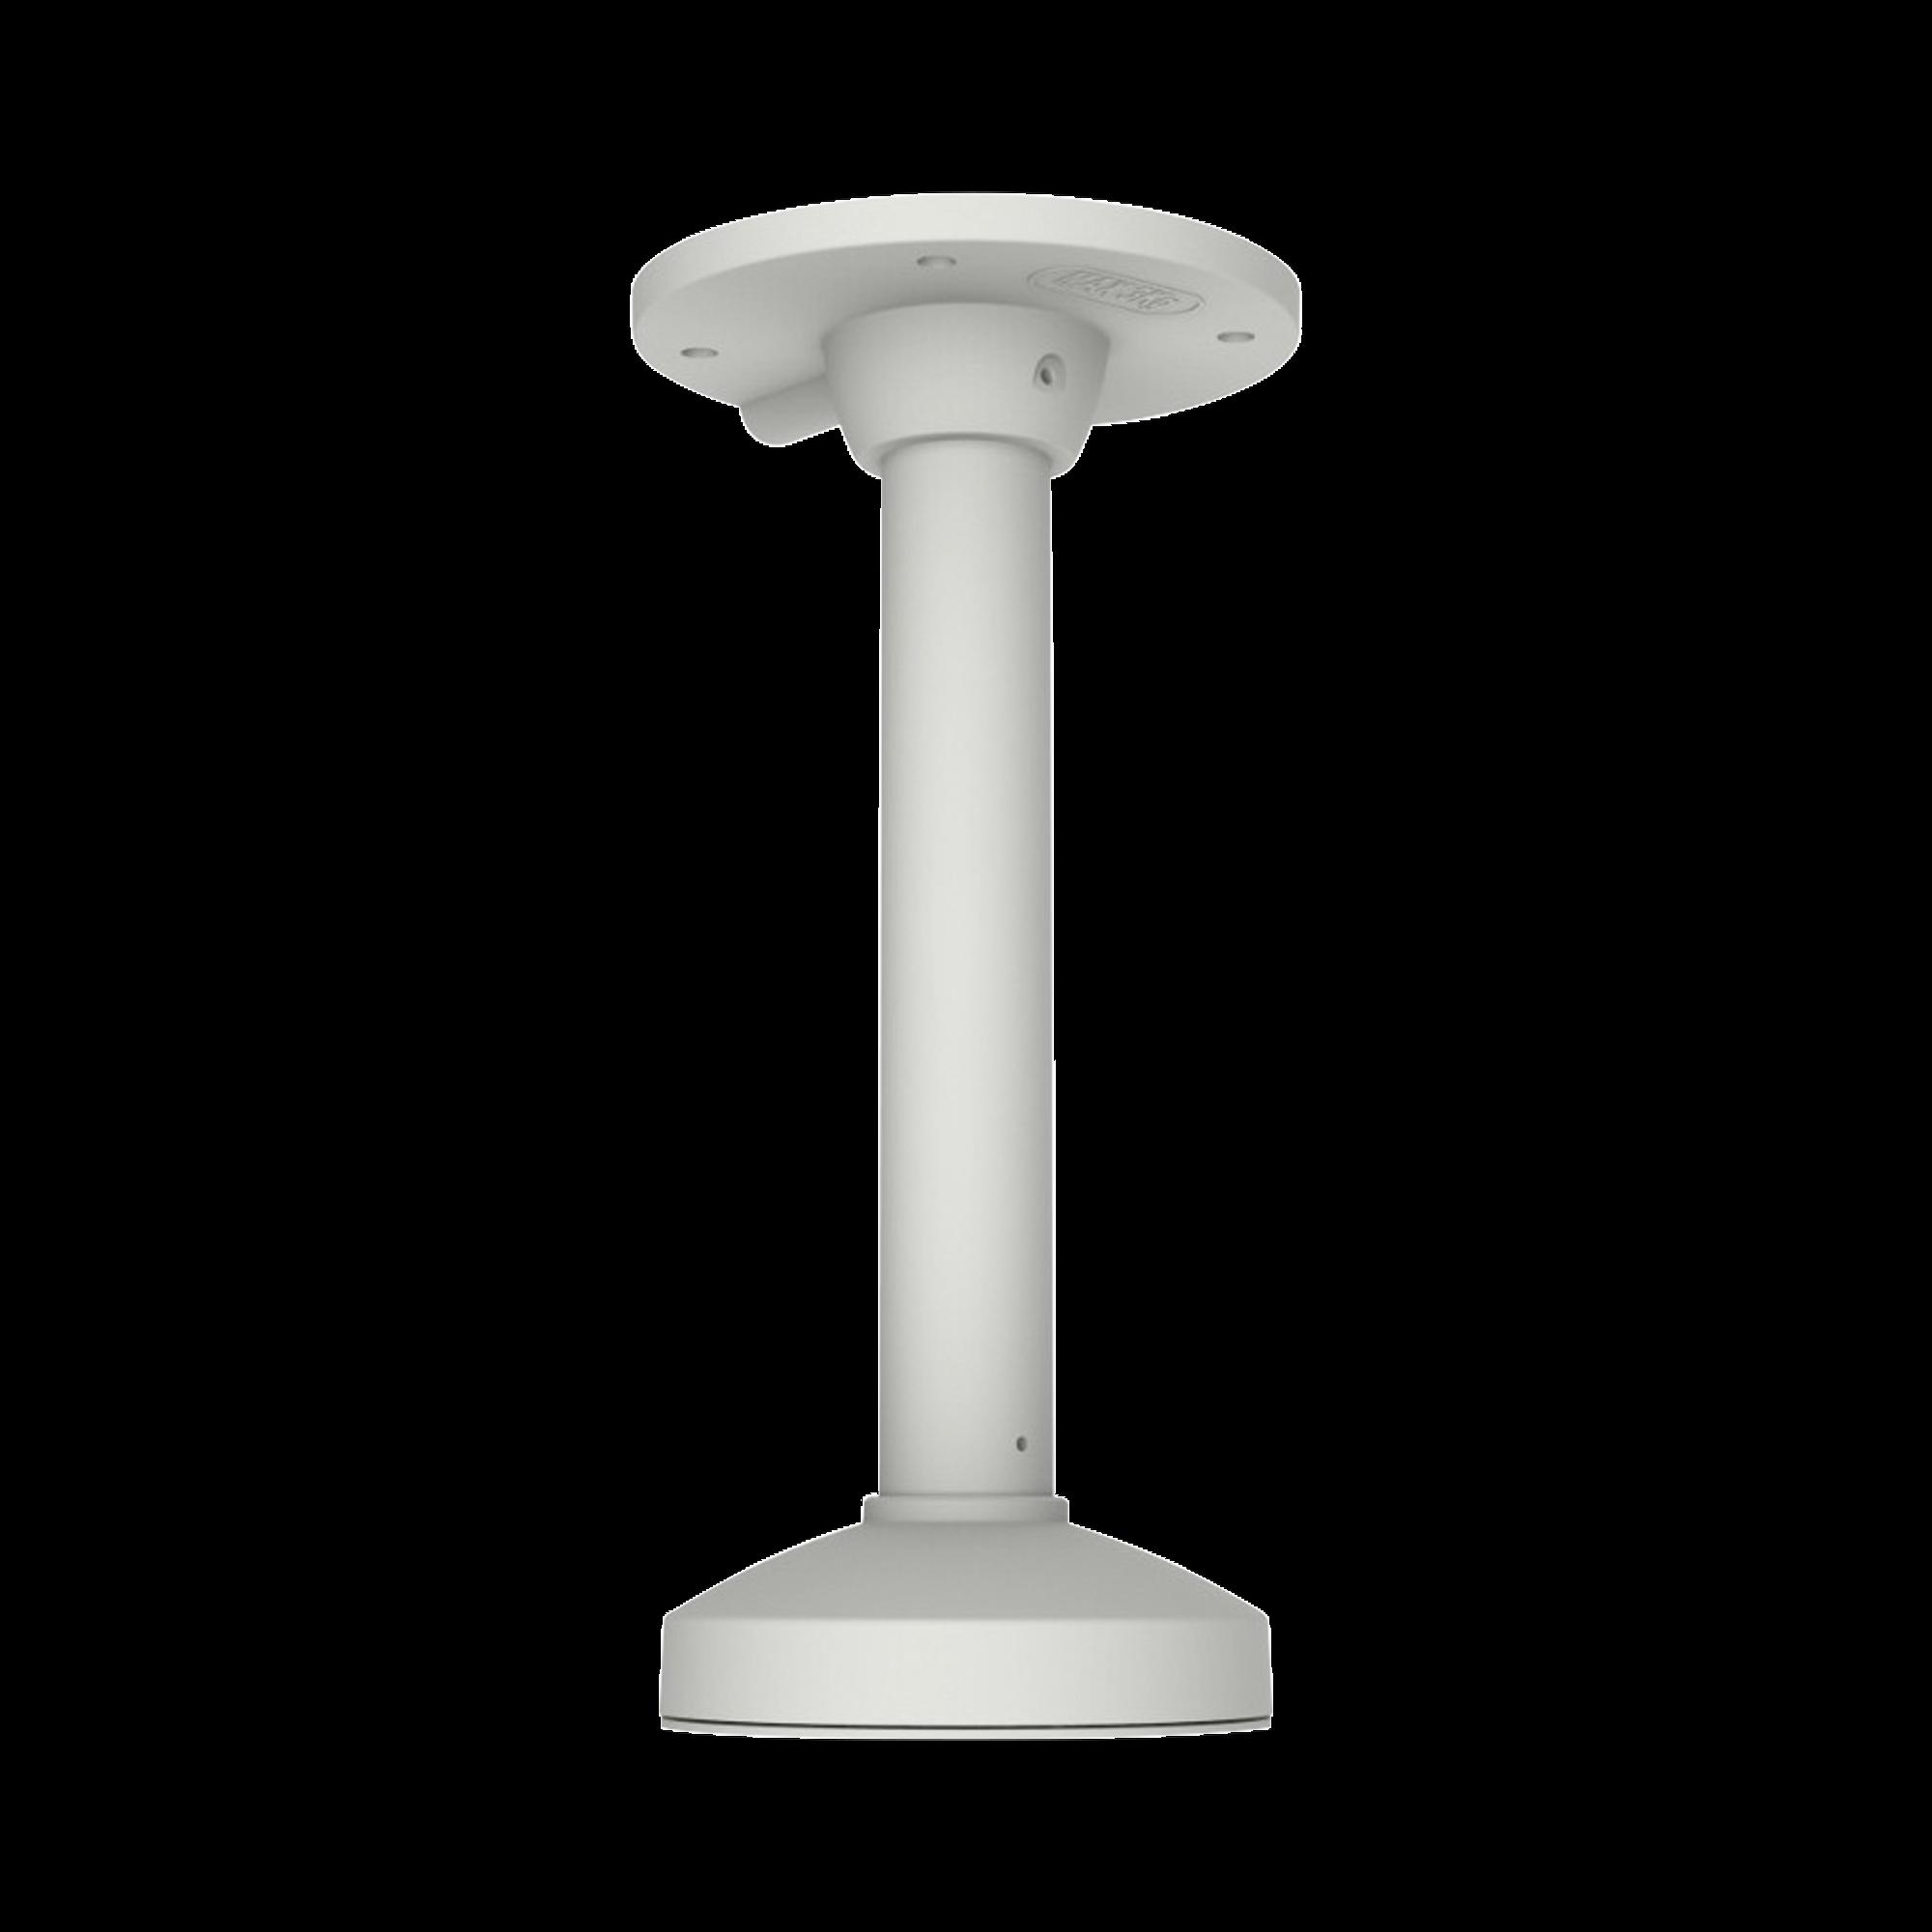 Montaje de Techo de 0.50 mts  / Fabricado en Aluminio